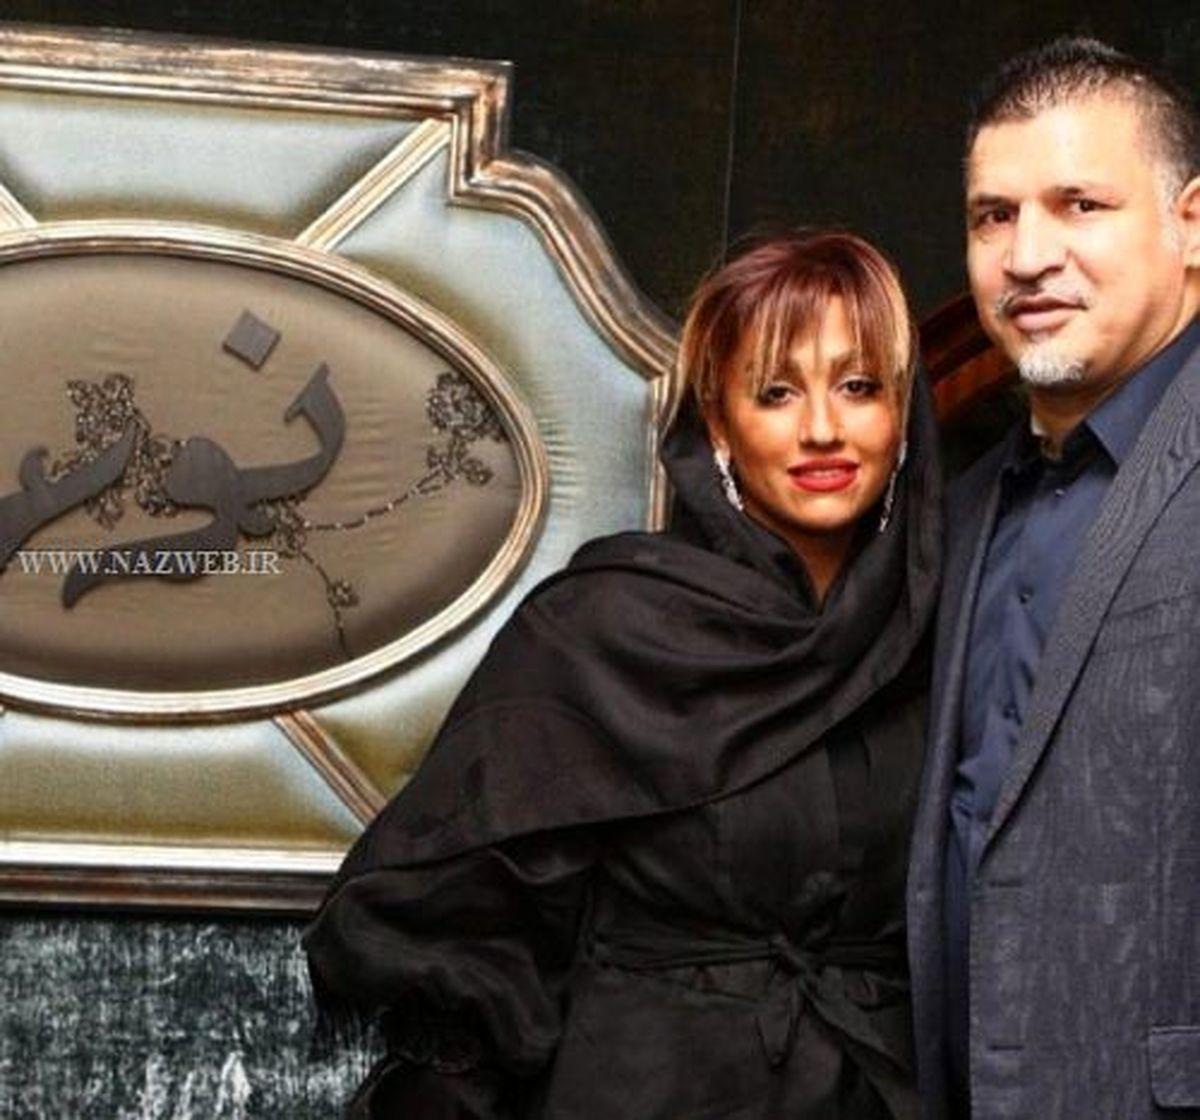 همسر جواهرساز علی دایی کیست؟ + عکس لورفته از منزل علی دایی